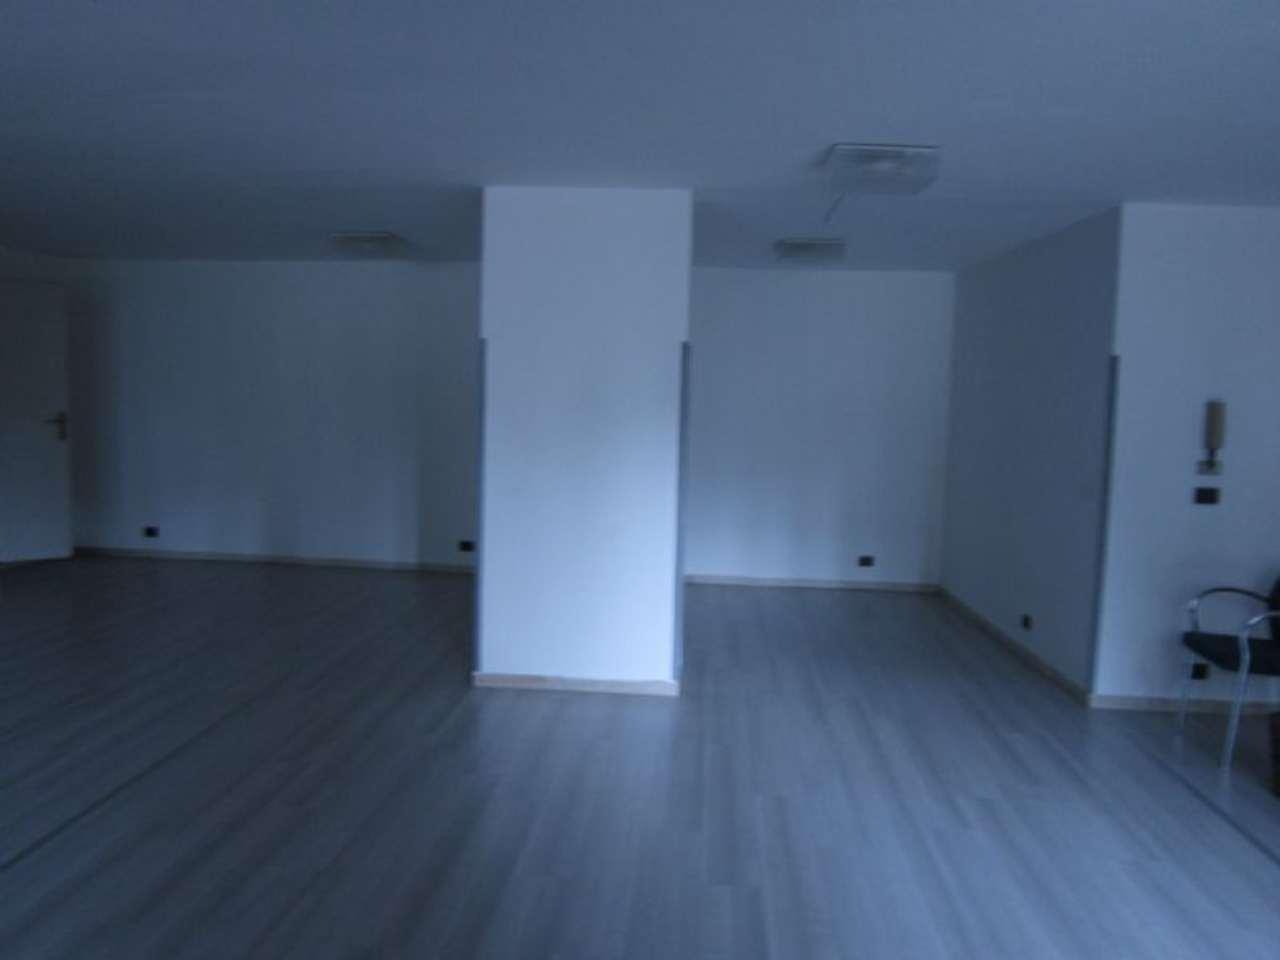 Ufficio / Studio in affitto a Verona, 1 locali, zona Zona: 4 . Saval - Borgo Milano - Chievo, prezzo € 700 | CambioCasa.it